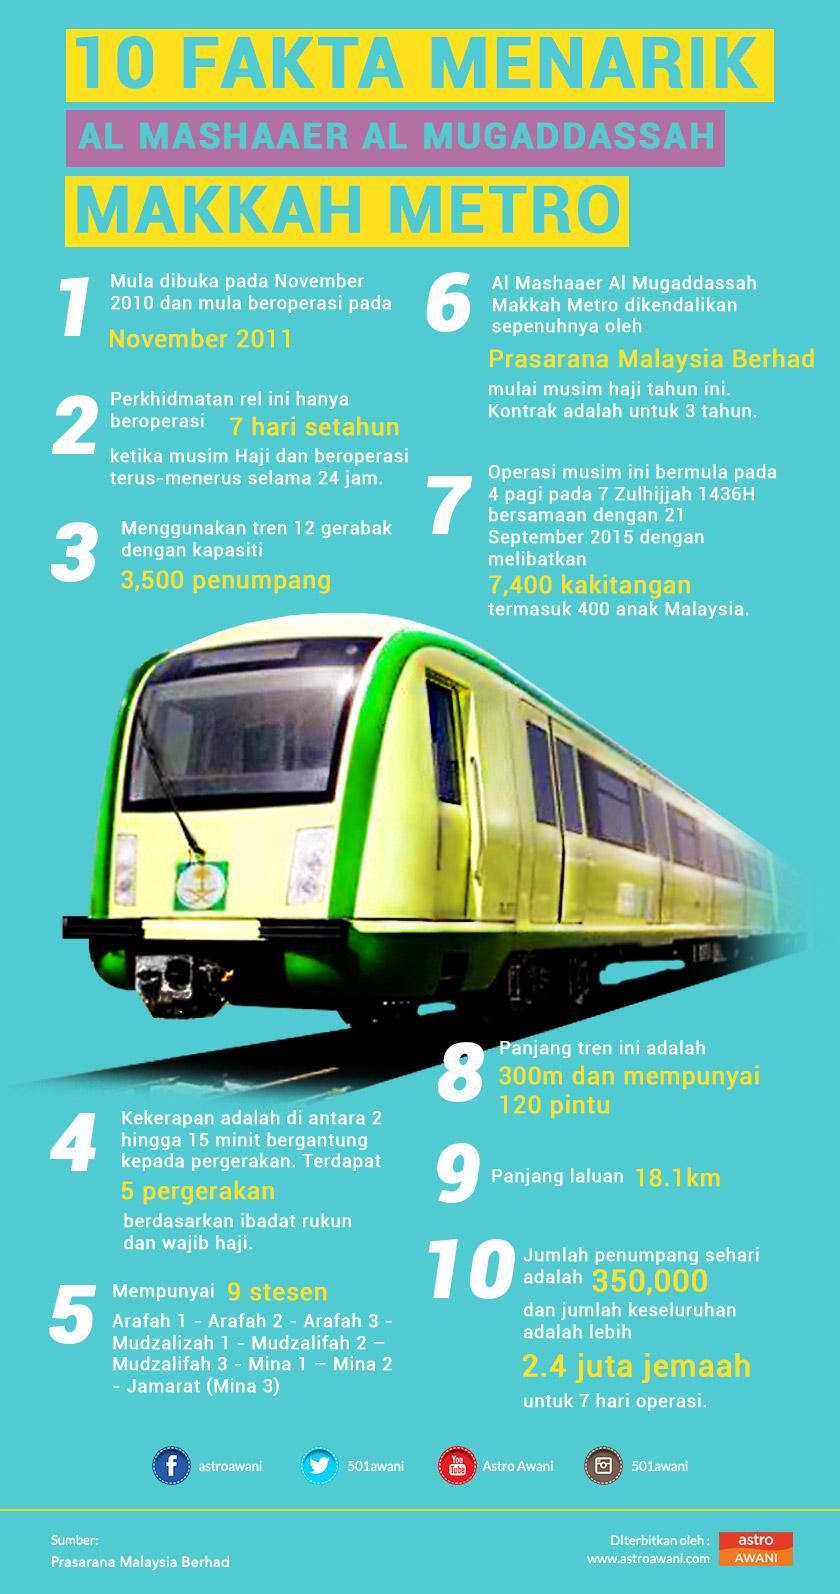 10 fakta menarik berkenaan Al Mashaaer Al Mugaddasah Makkah Metro